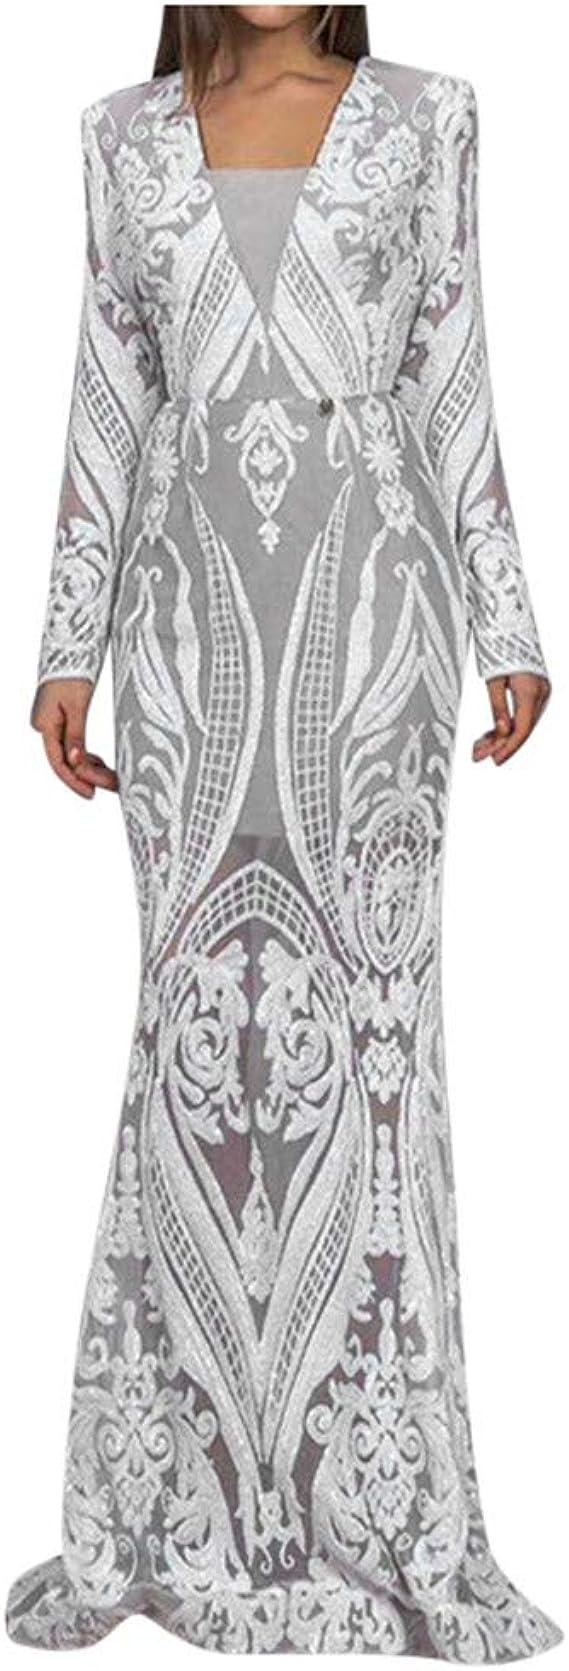 JXQ-N Damen Chiffon Bestickt Lange Langarm Abendkleid V-Ausschnitt